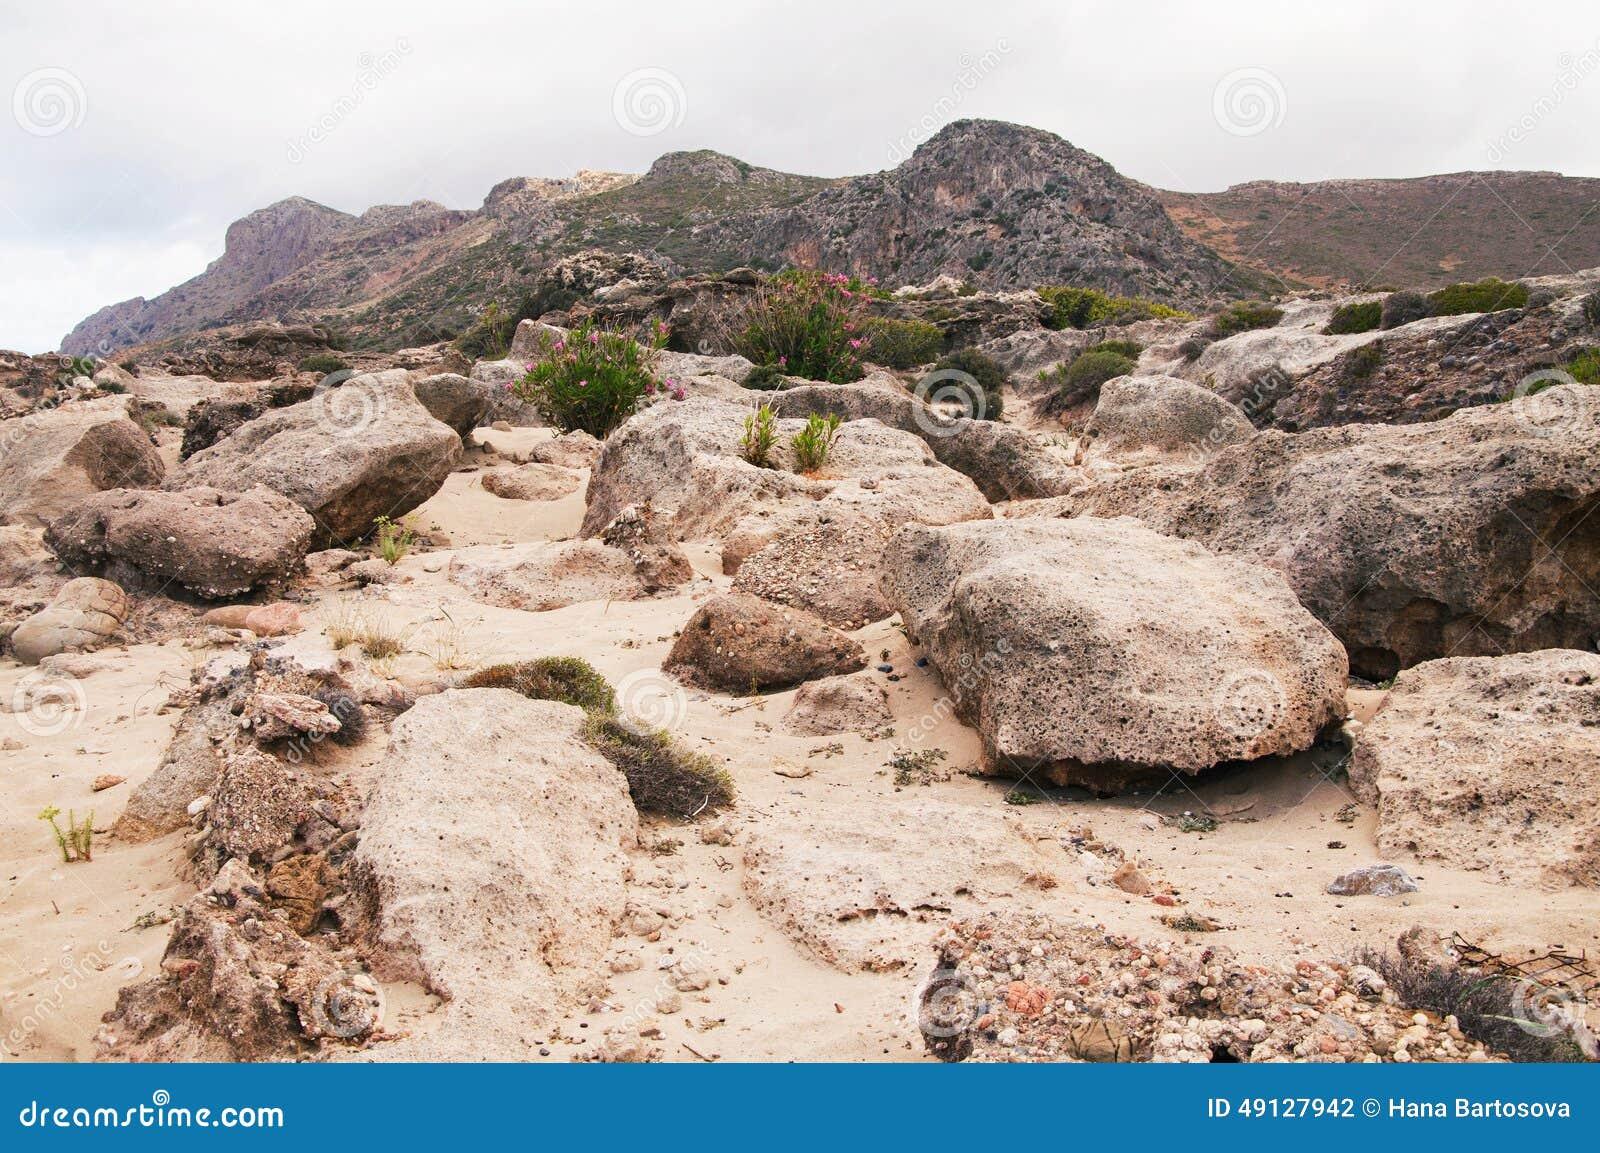 Landscape with boulders weathered stones sandstones for Landscaping rocks east bay